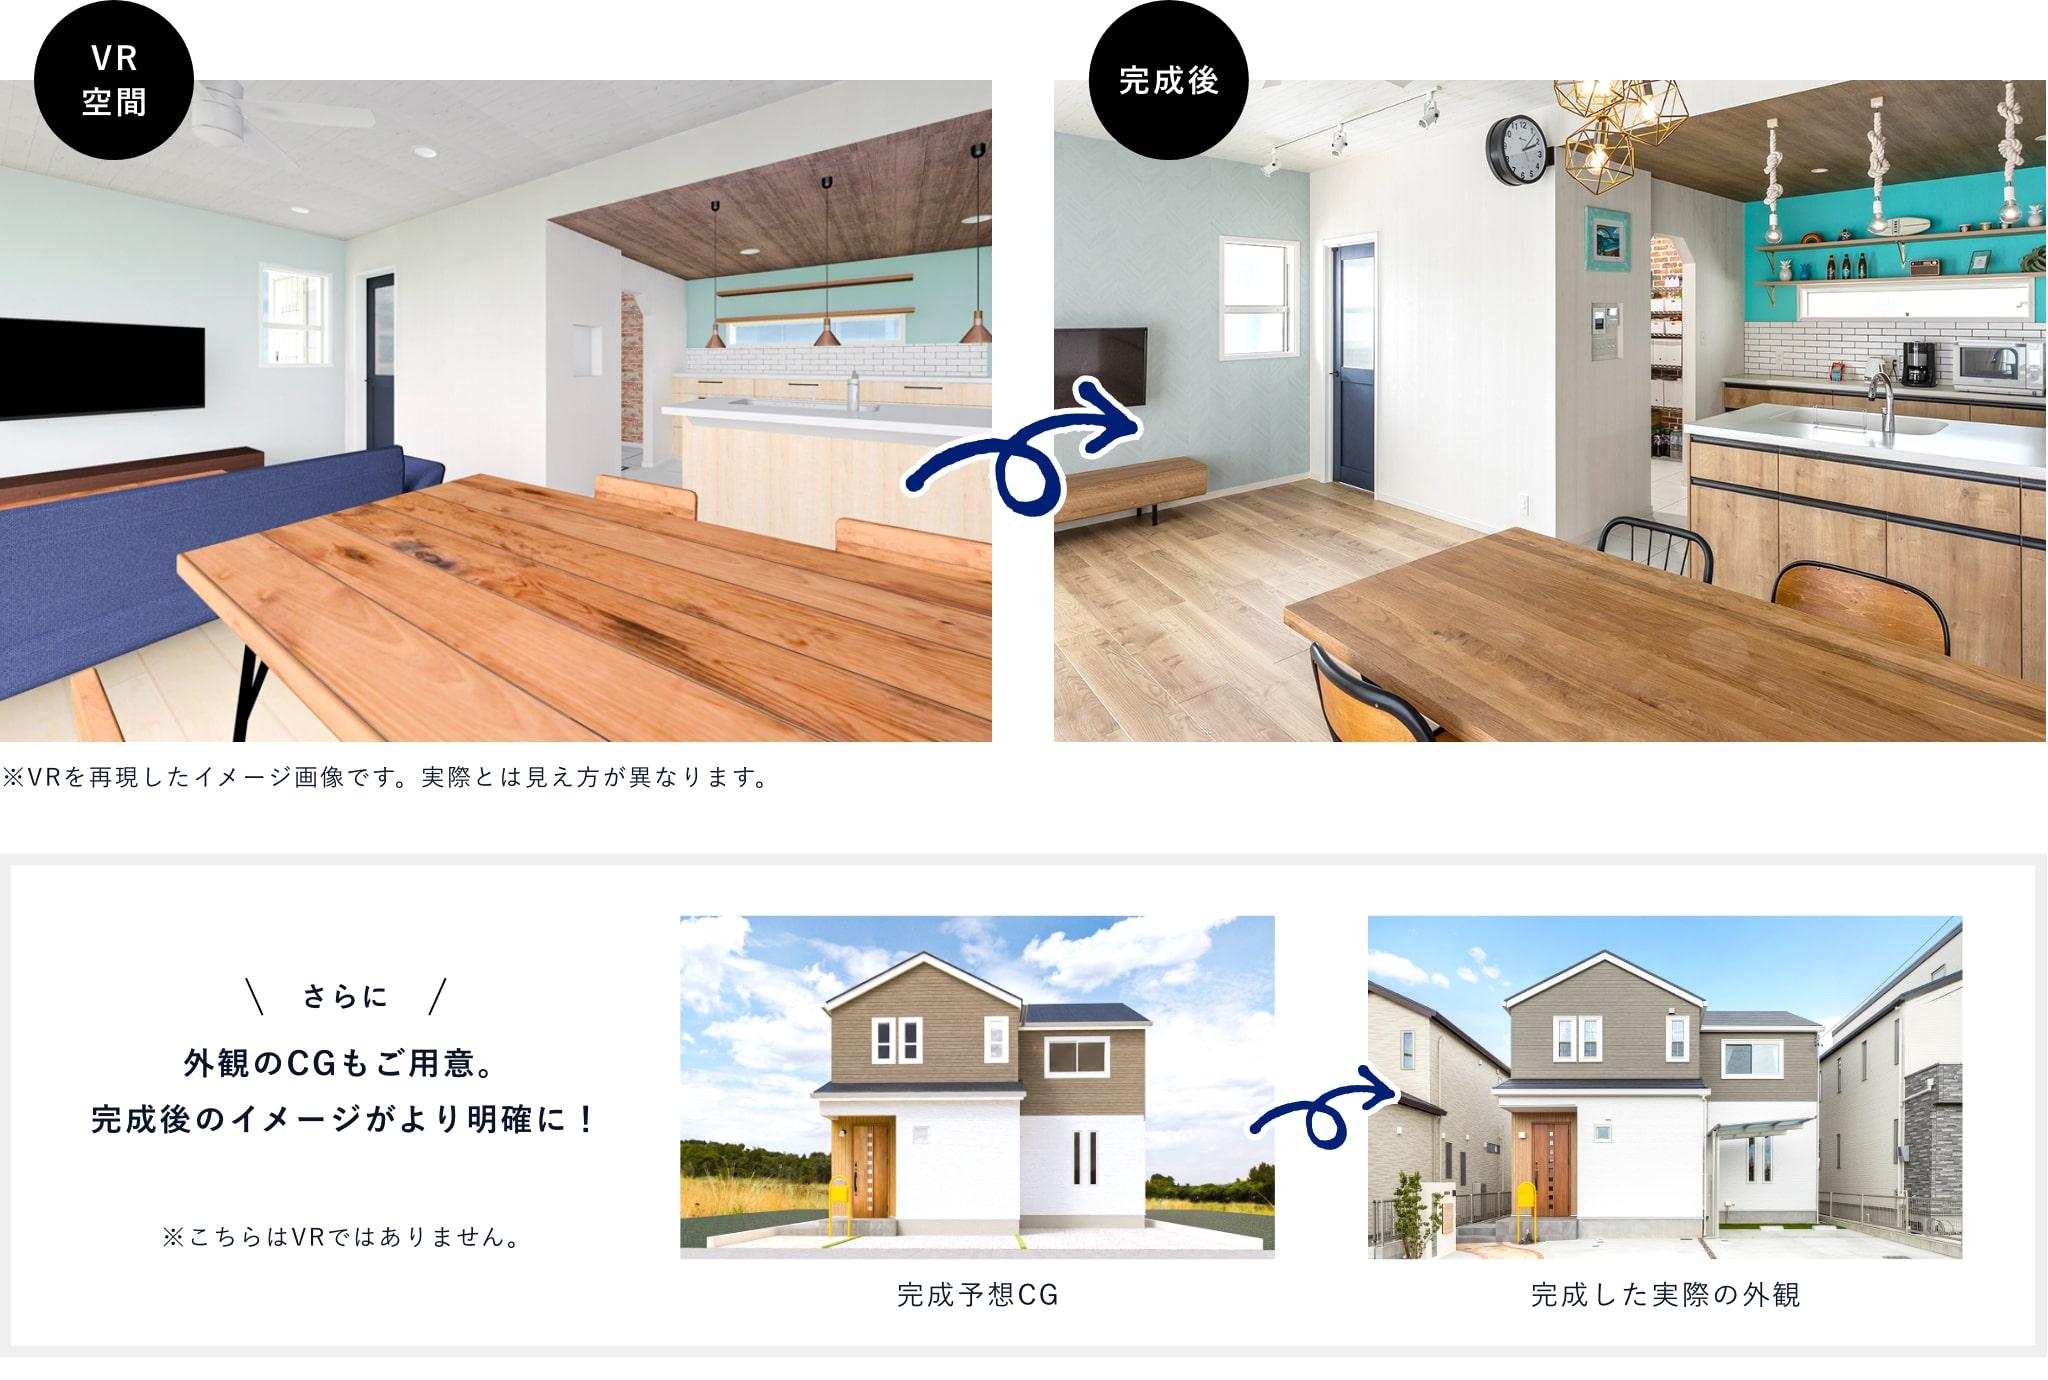 完成後の家をほぼ完璧に再現